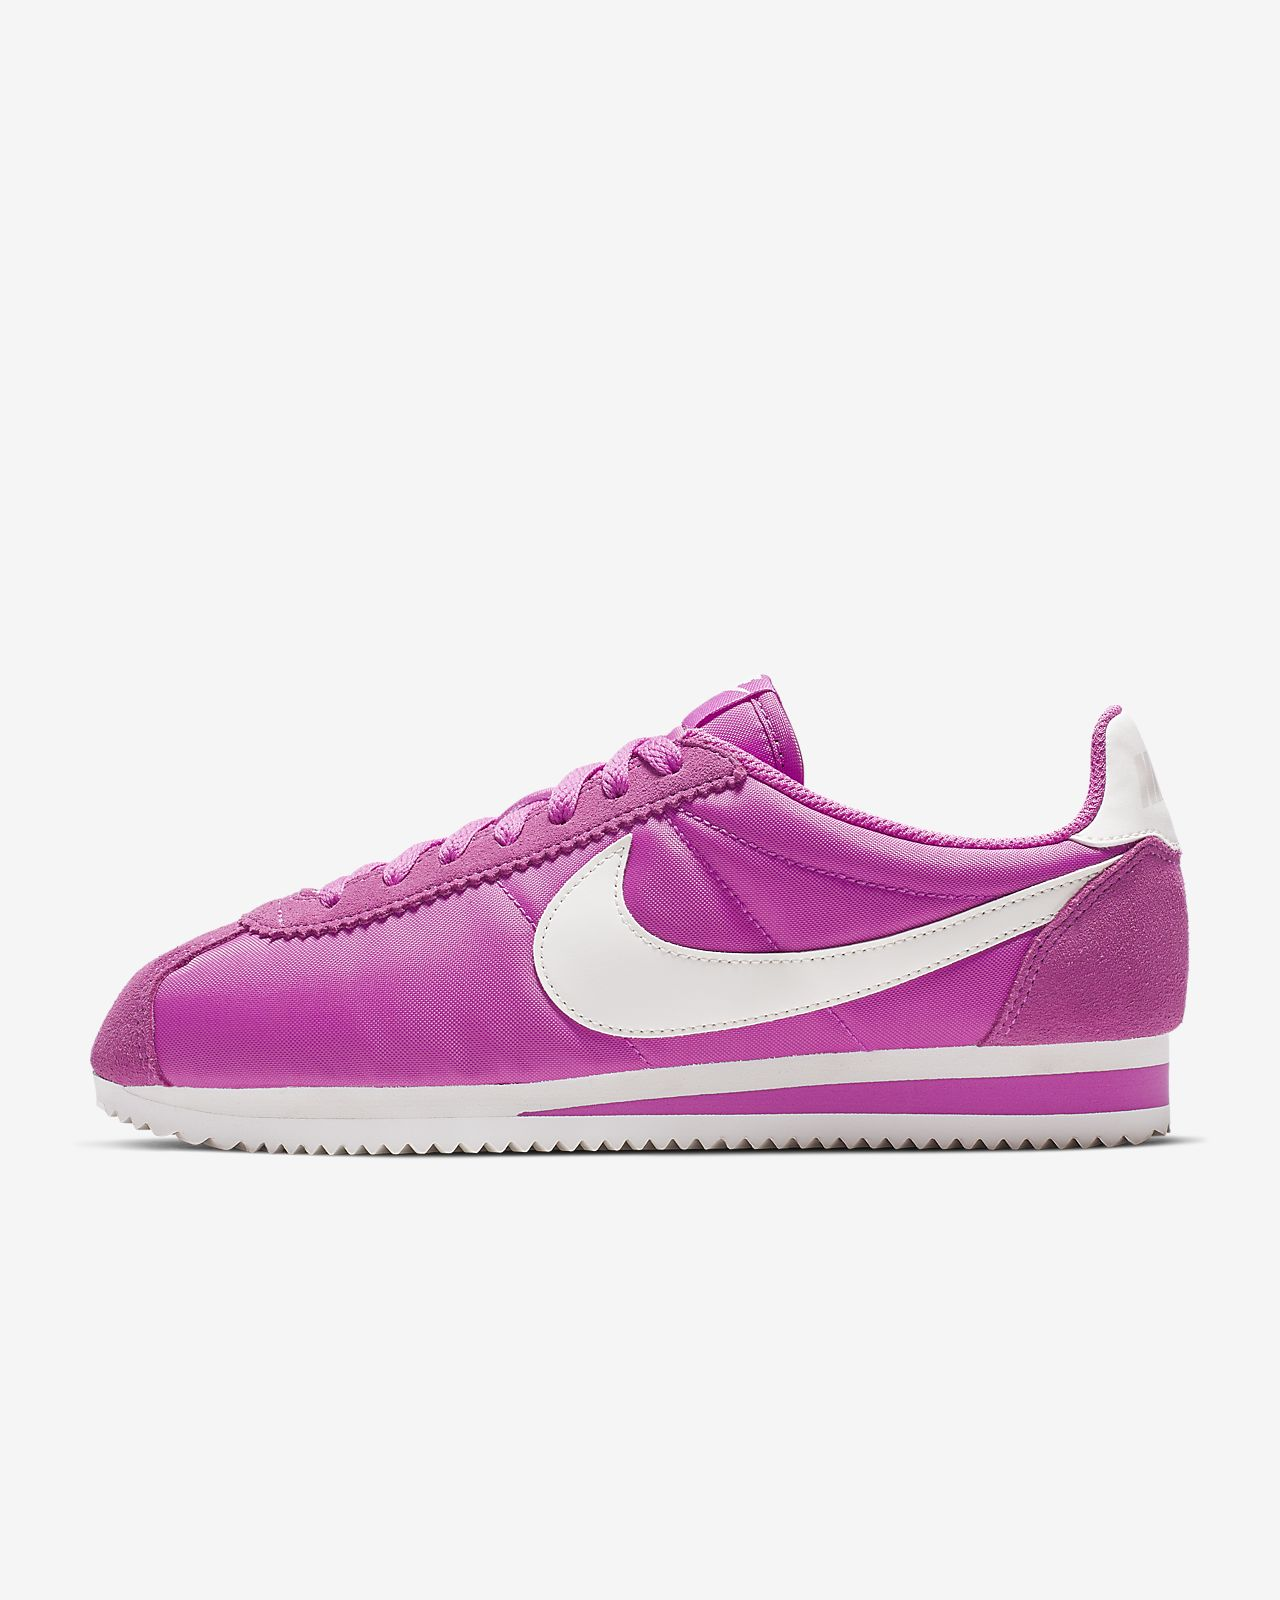 รองเท้าผู้หญิง Nike Classic Cortez Nylon